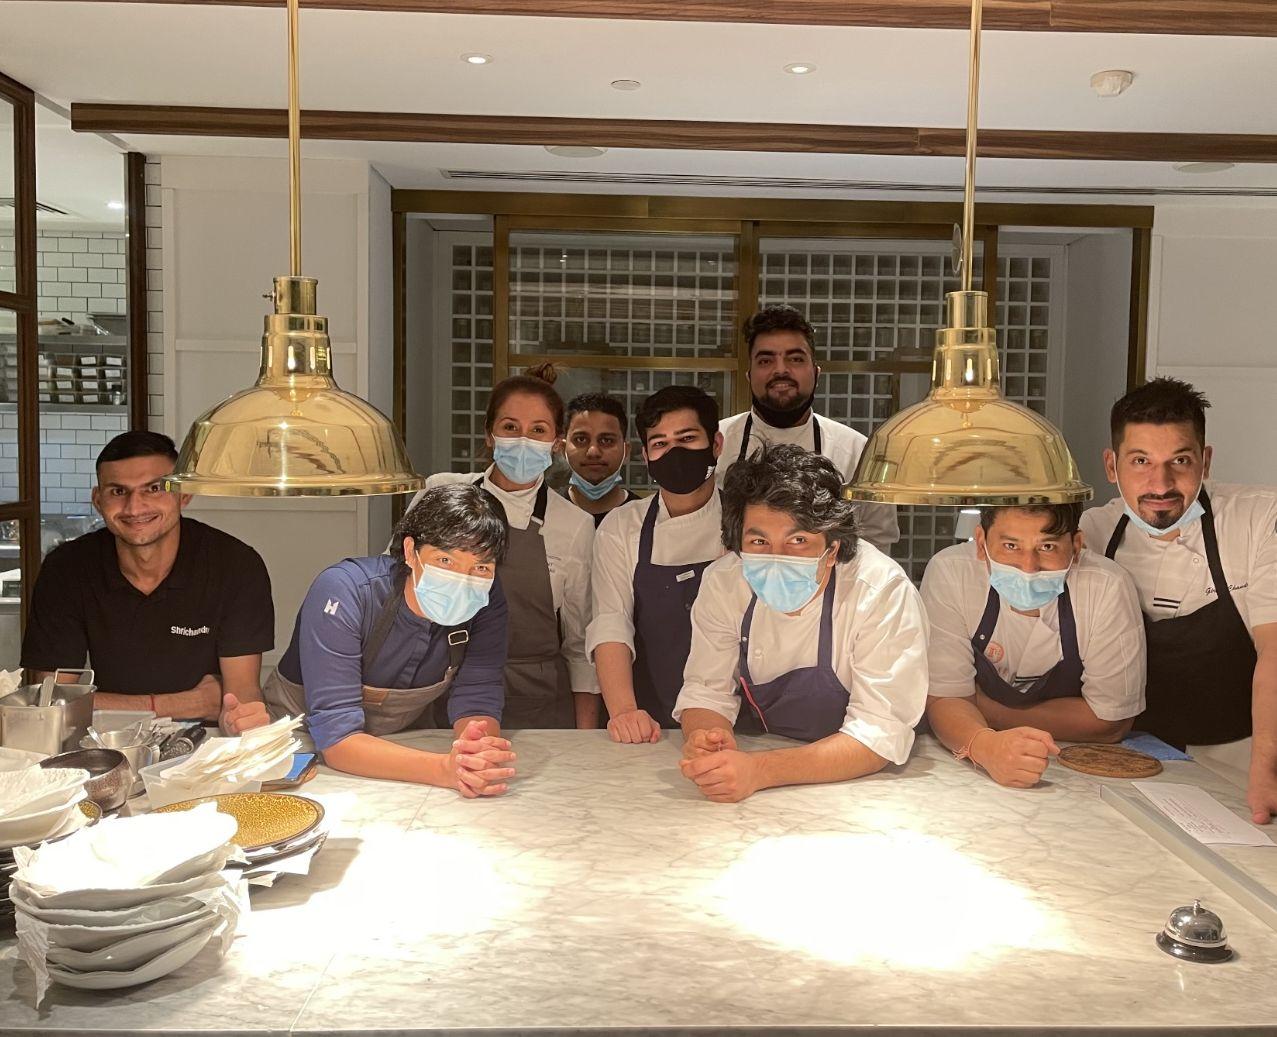 Manu Buffara ao centro, com Cláudia Krauspenhar e a equipe do restaurante Tresind Studio.